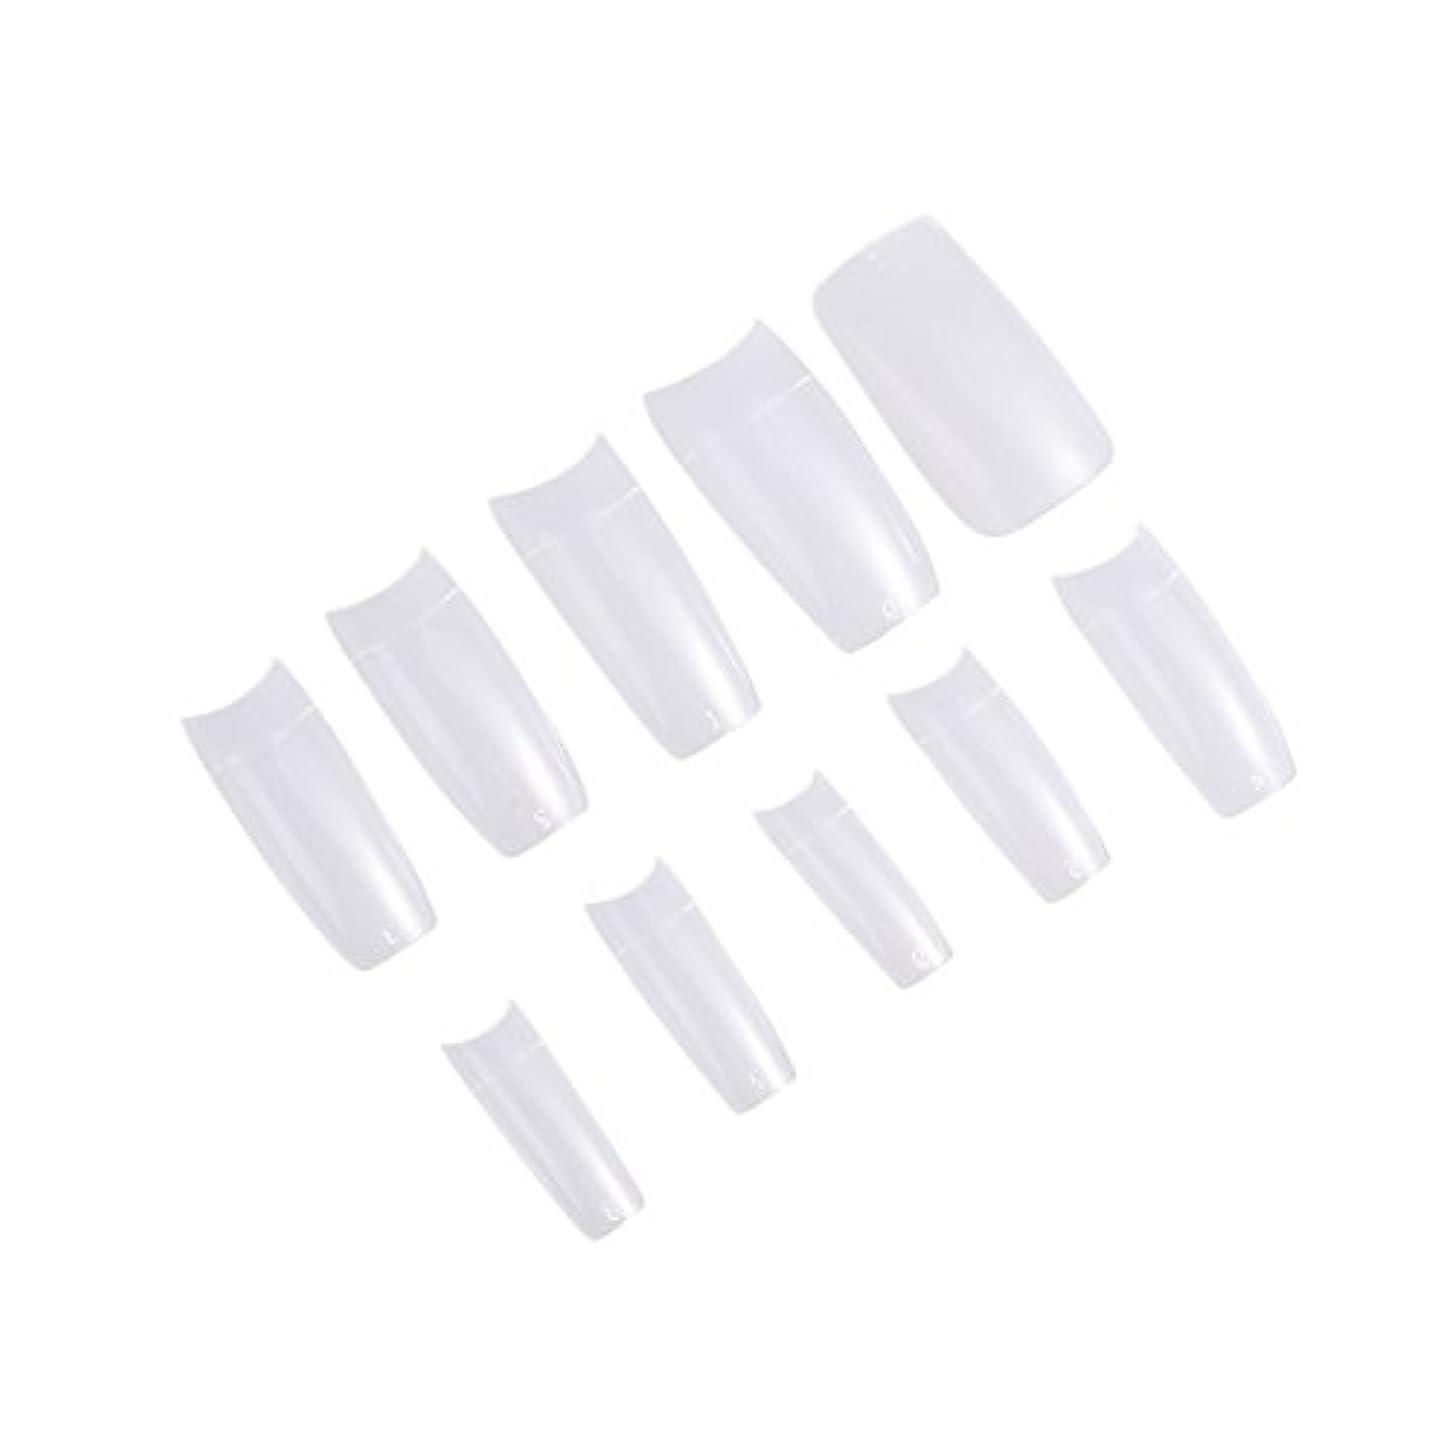 グラマープランター利得Frcolor ネイルチップ つけ爪 無地 手作りネイルチップ 透明 長さ 10別サイズ ネイルアート 500枚入 練習用 方形(透明)